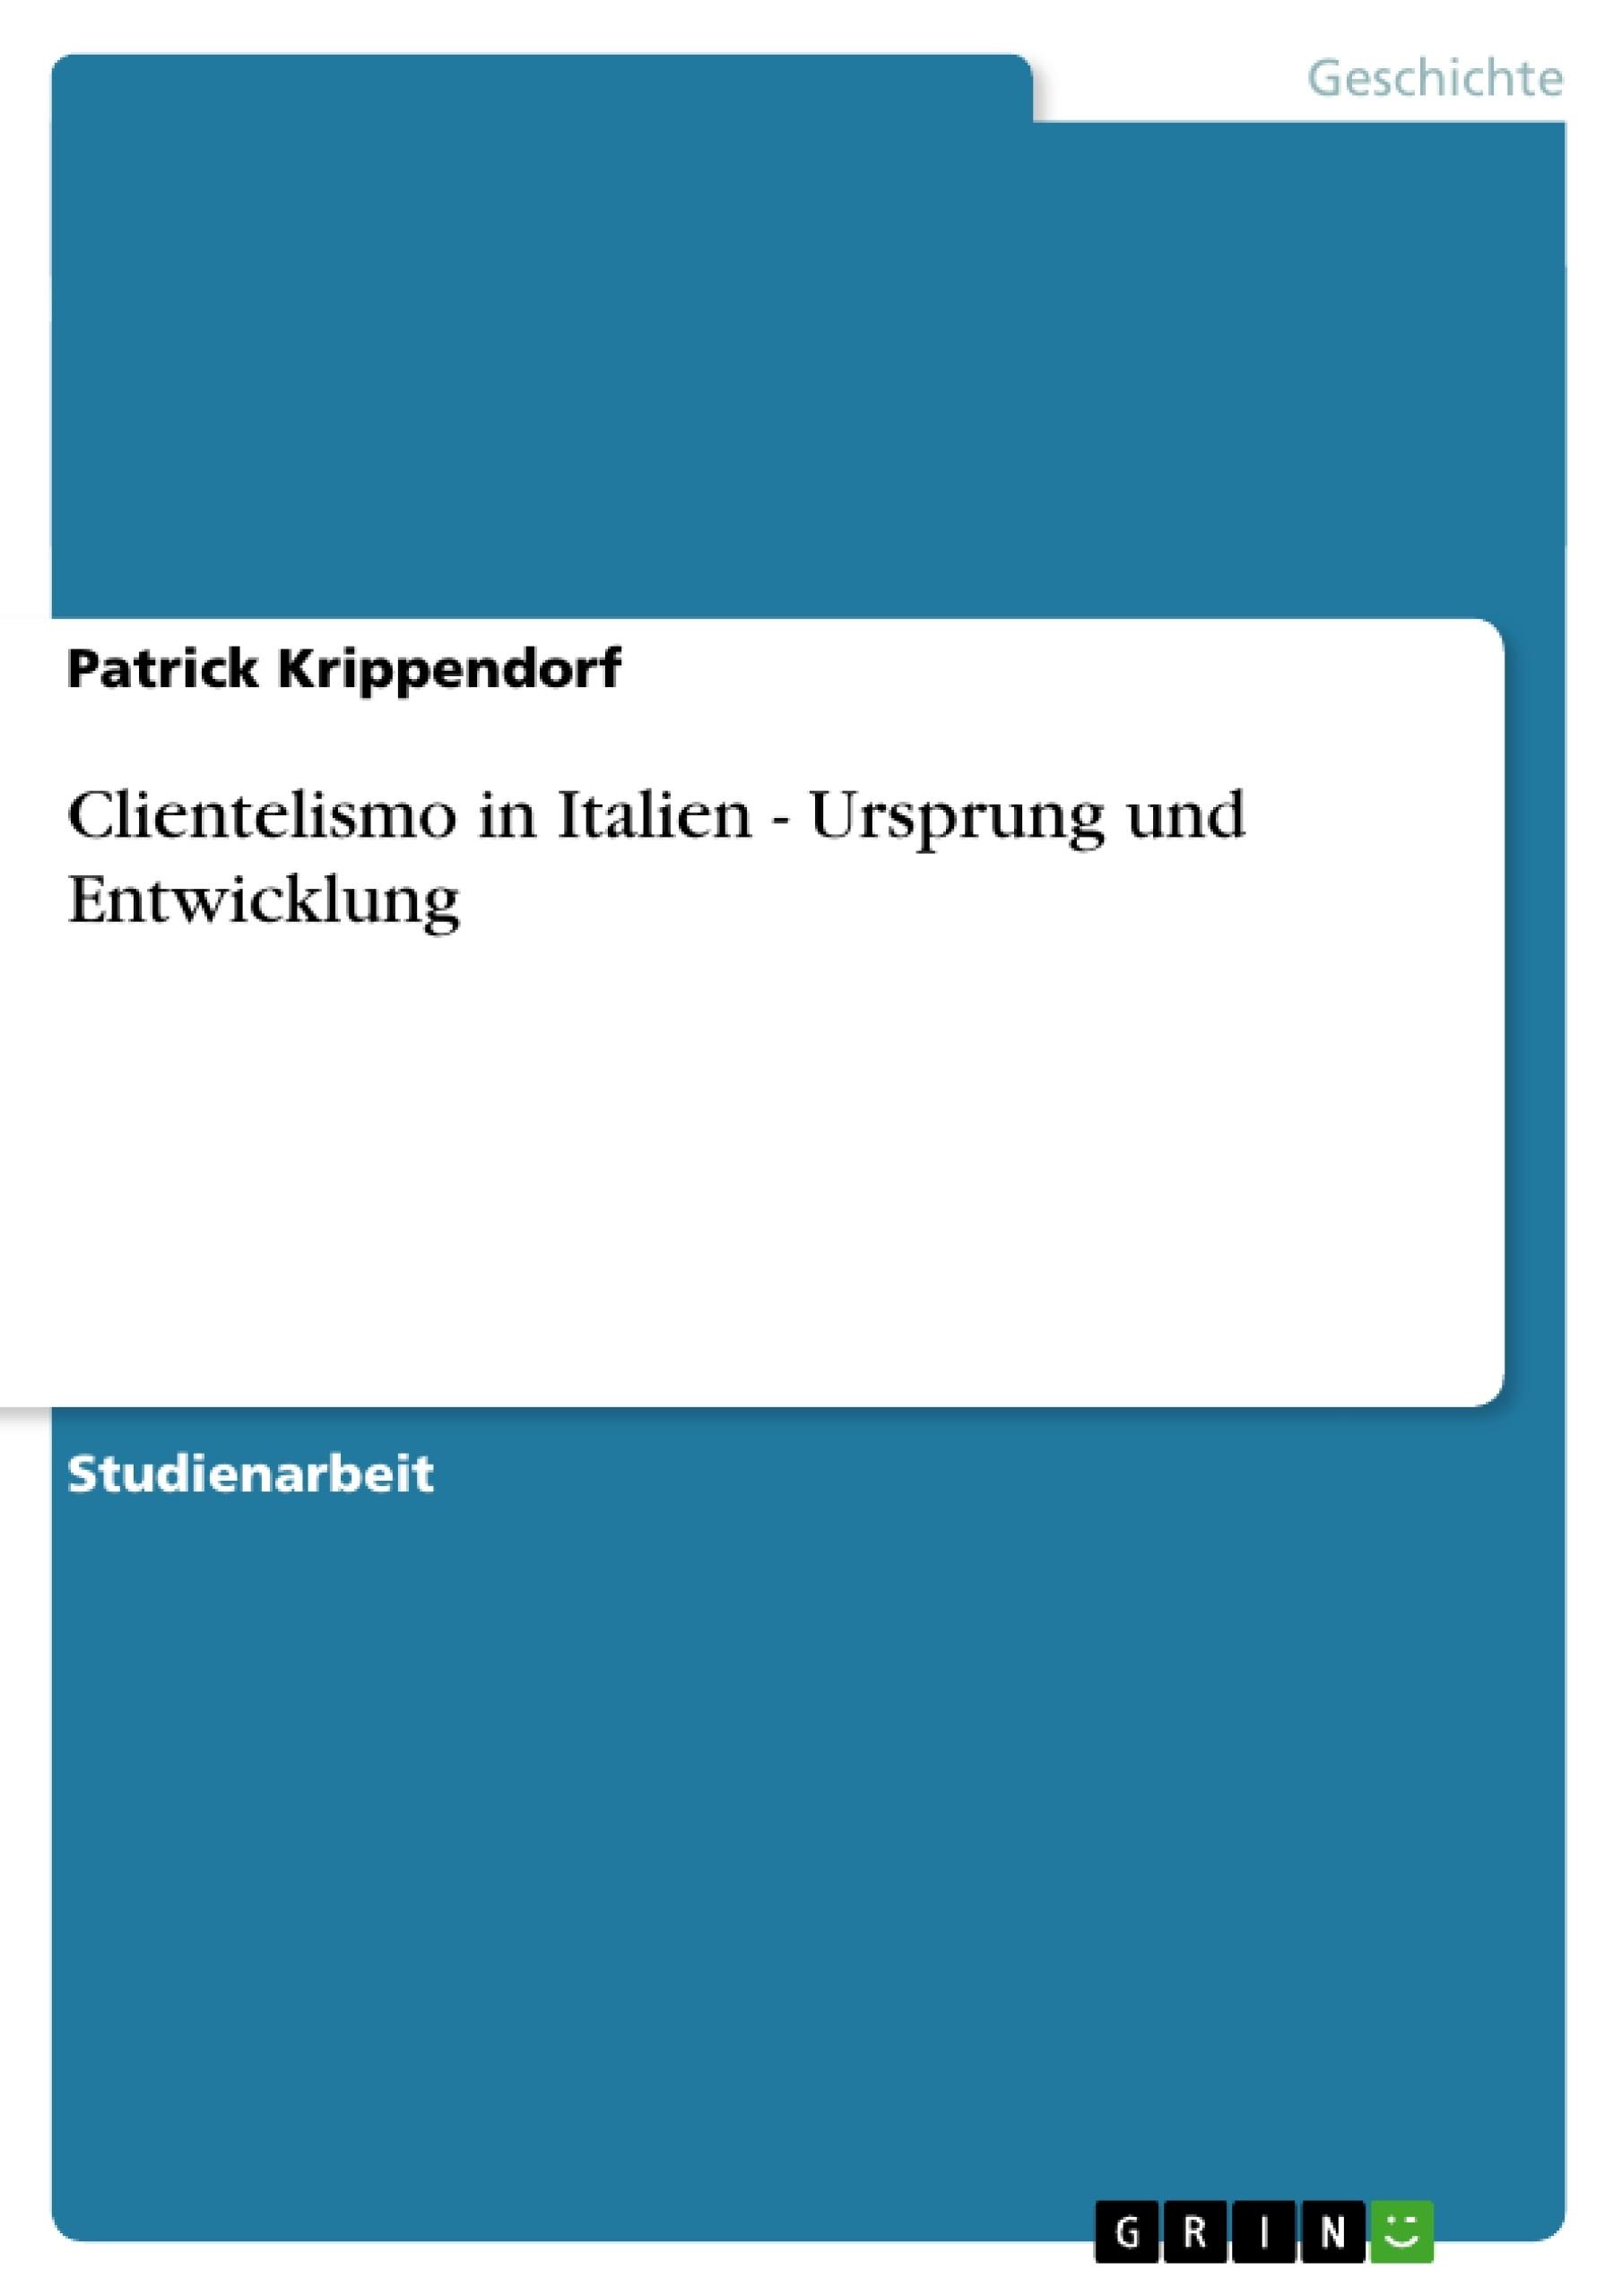 Titel: Clientelismo in Italien - Ursprung und Entwicklung